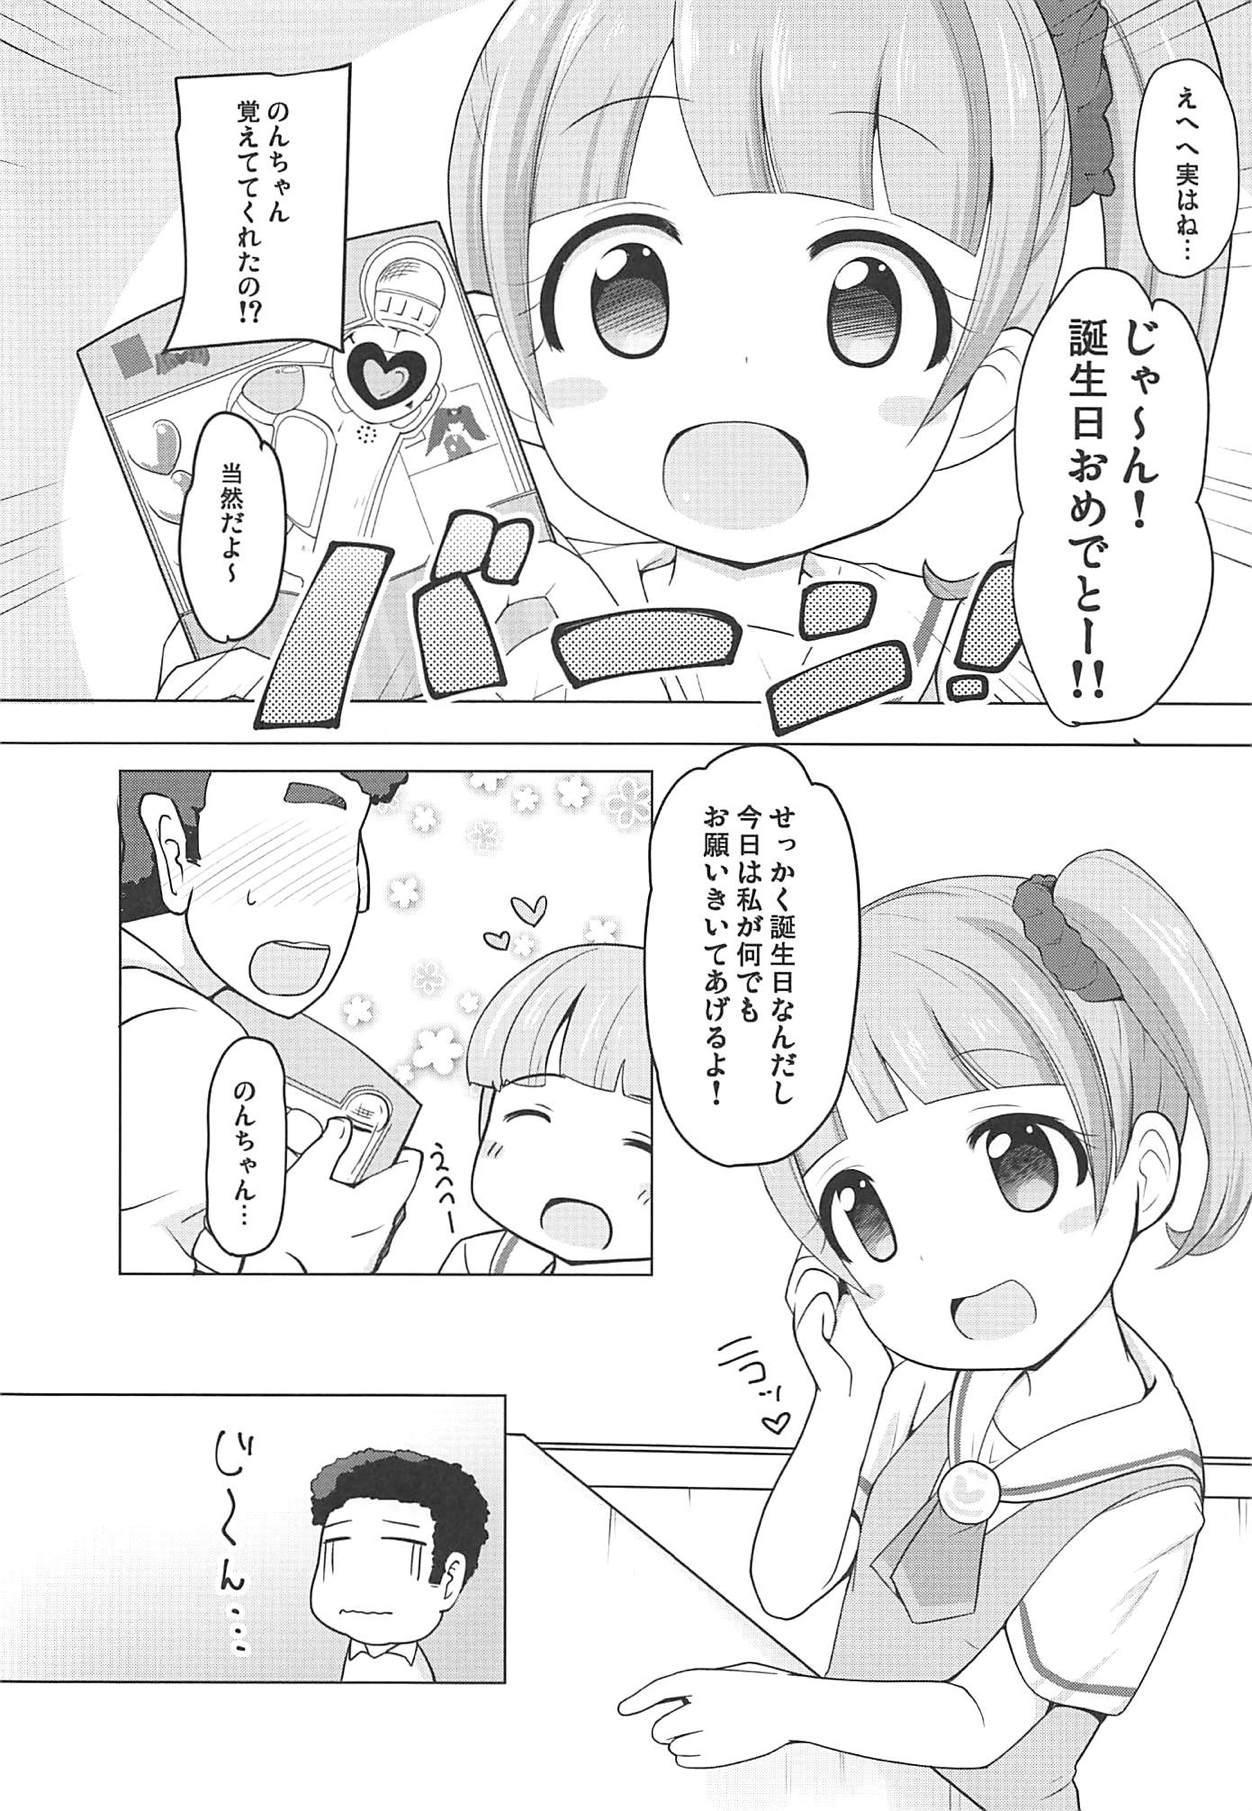 Manaka Non-chan to Pakopako Shitai! 2